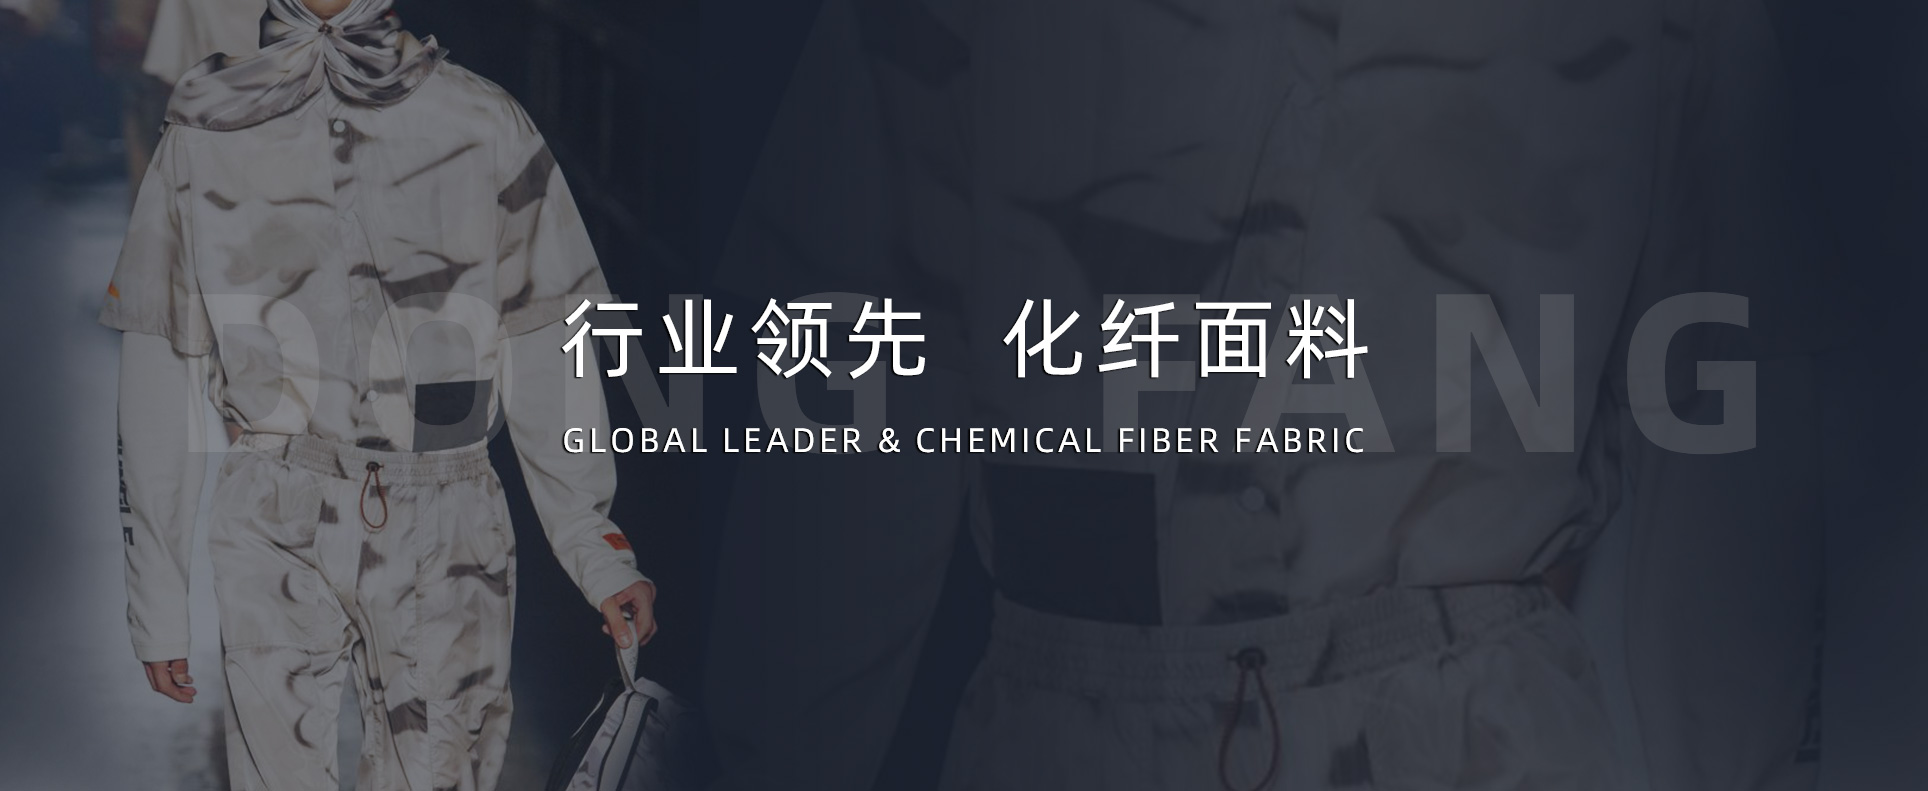 江蘇快猫最新官网紡織科技有限公司